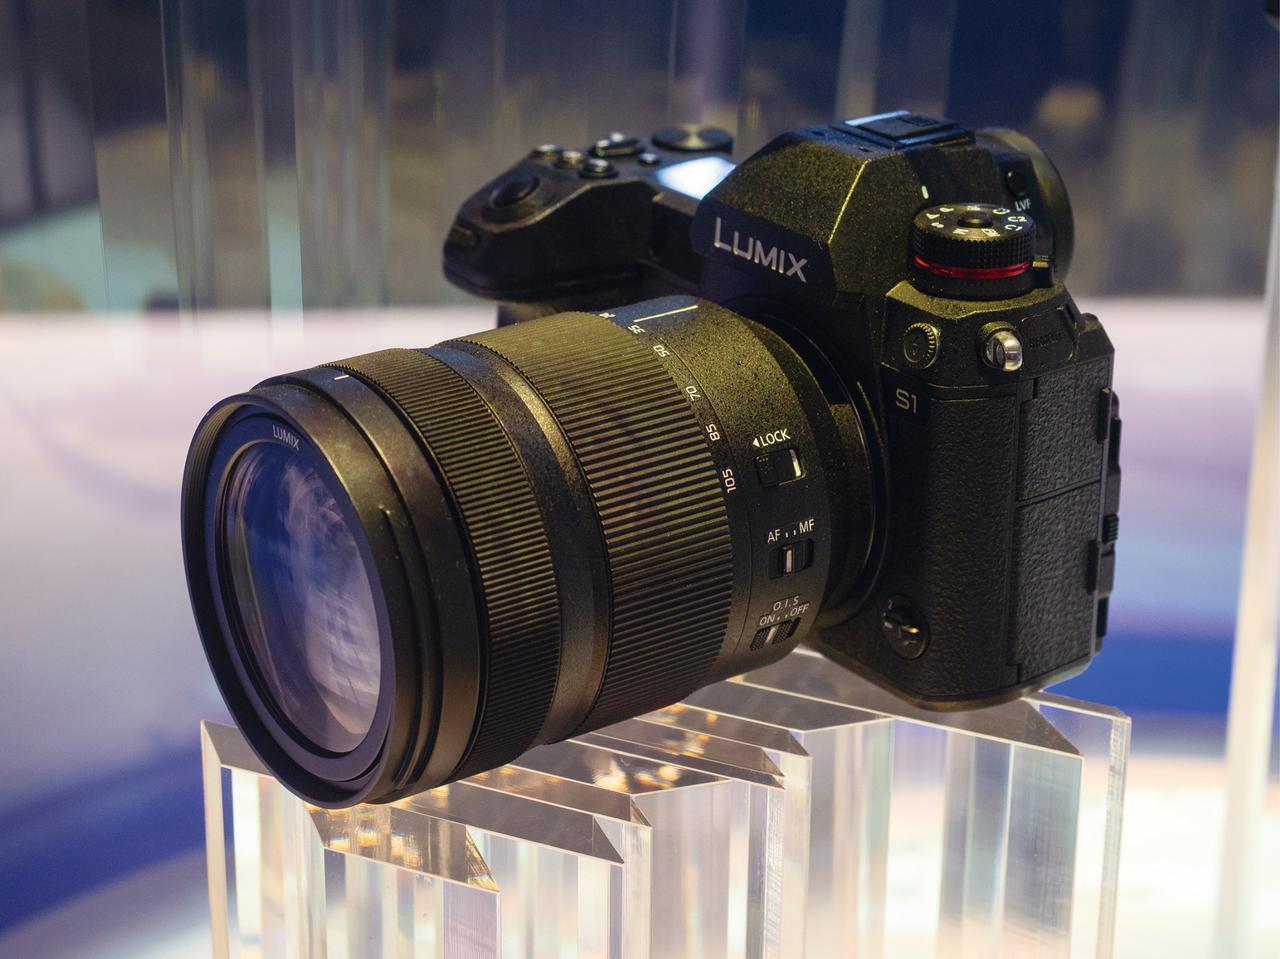 画像: パナソニックは3社統一の新規格となるLマウントで、フルサイズミラーレスに参入することを発表。写真はLマウント採用のミラーレス製品の試作機。